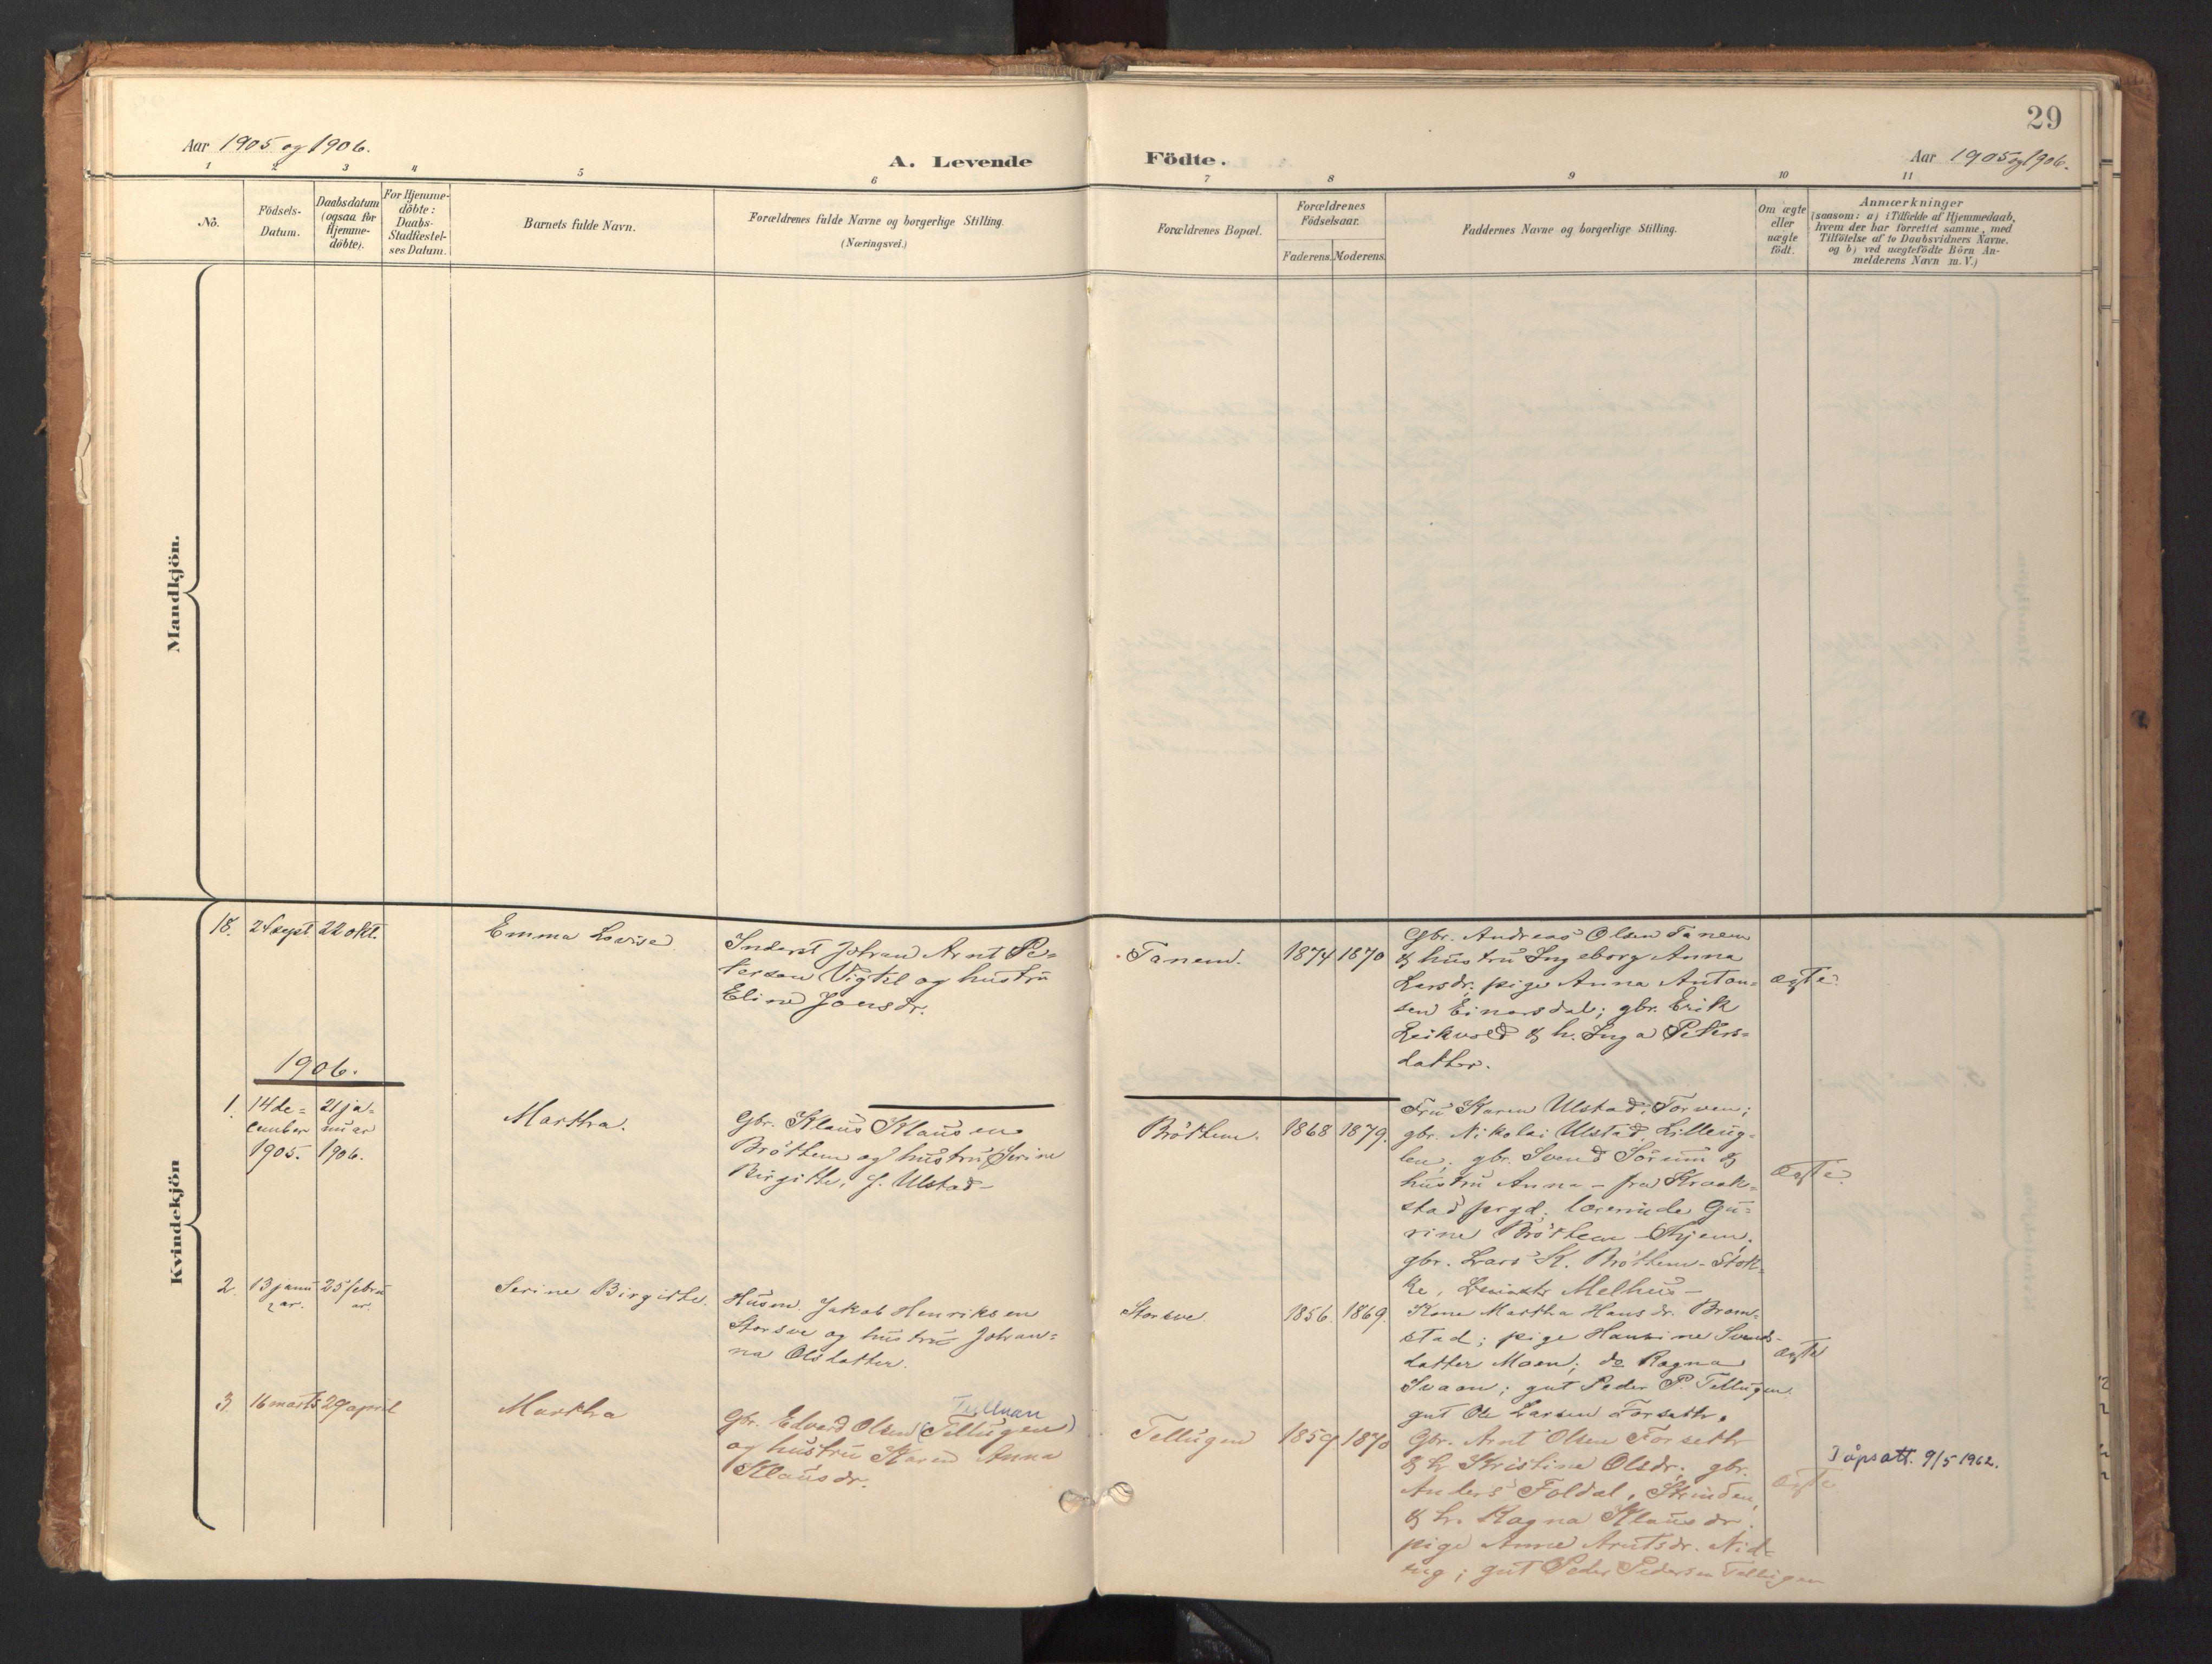 SAT, Ministerialprotokoller, klokkerbøker og fødselsregistre - Sør-Trøndelag, 618/L0448: Ministerialbok nr. 618A11, 1898-1916, s. 29